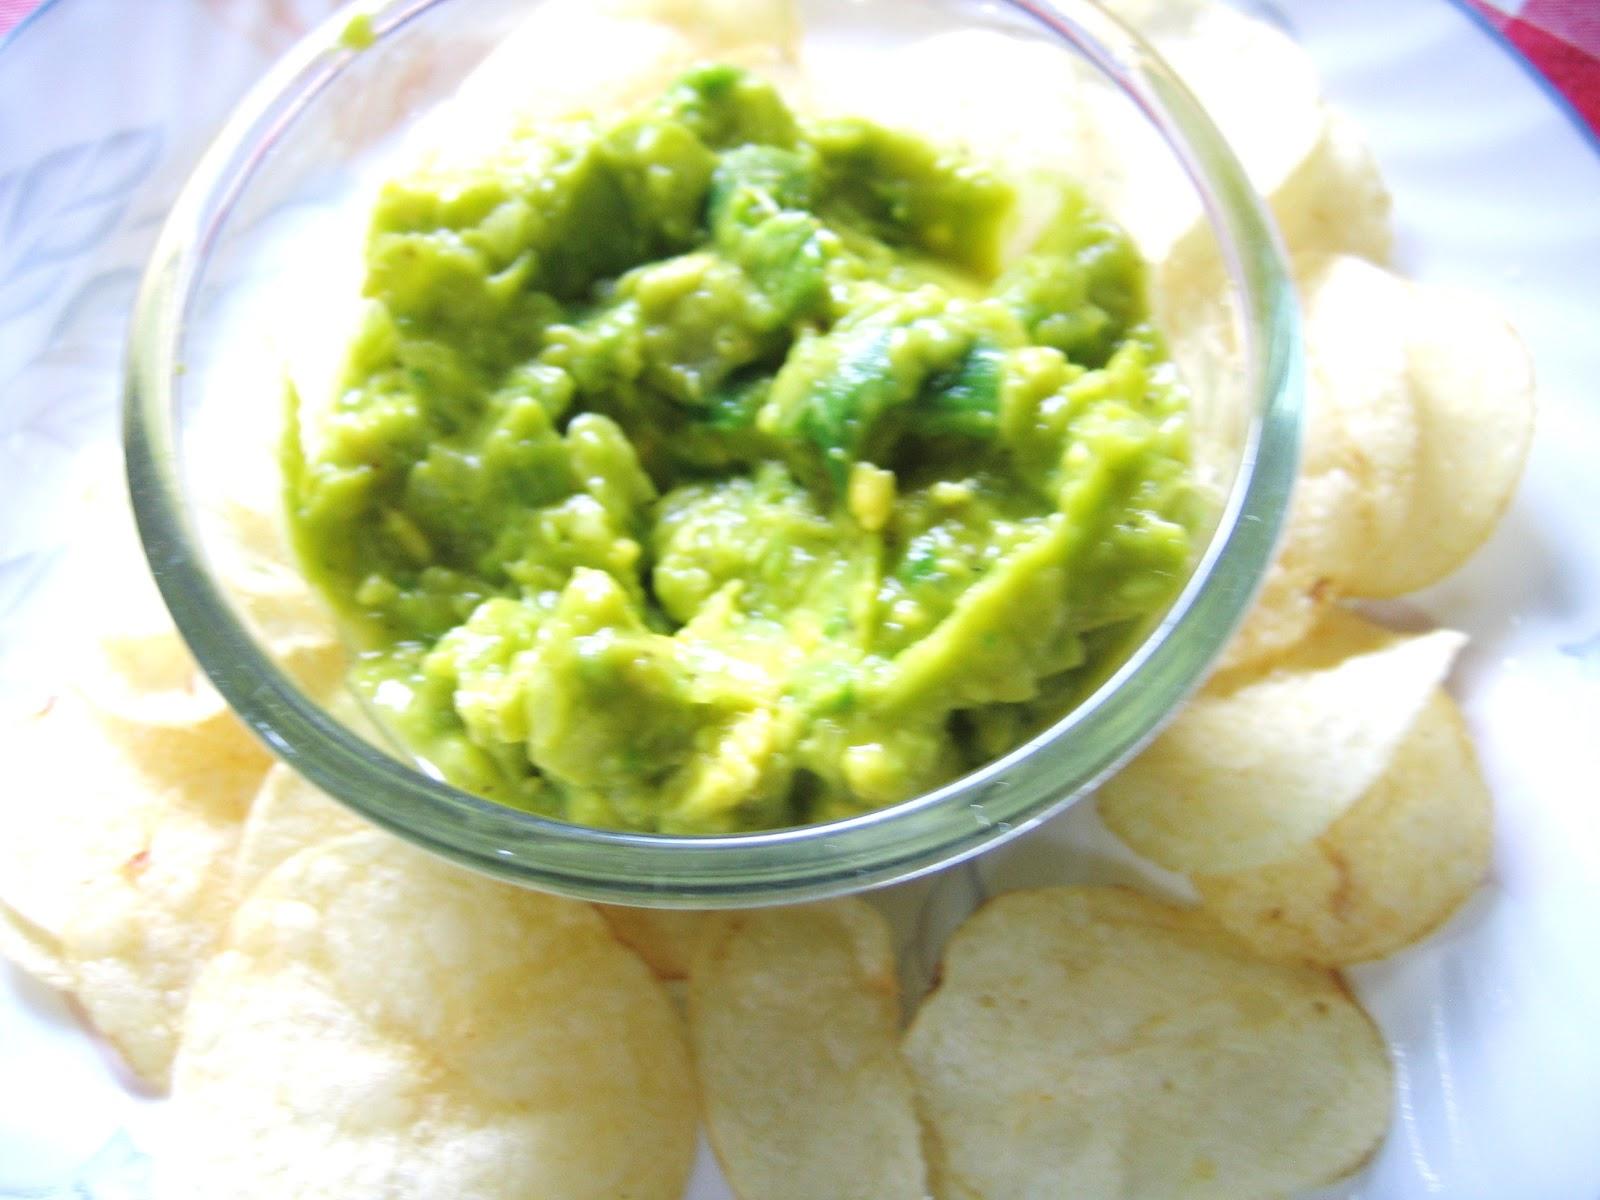 Edible Items: Avocado Dip (Guacamole) with Lay